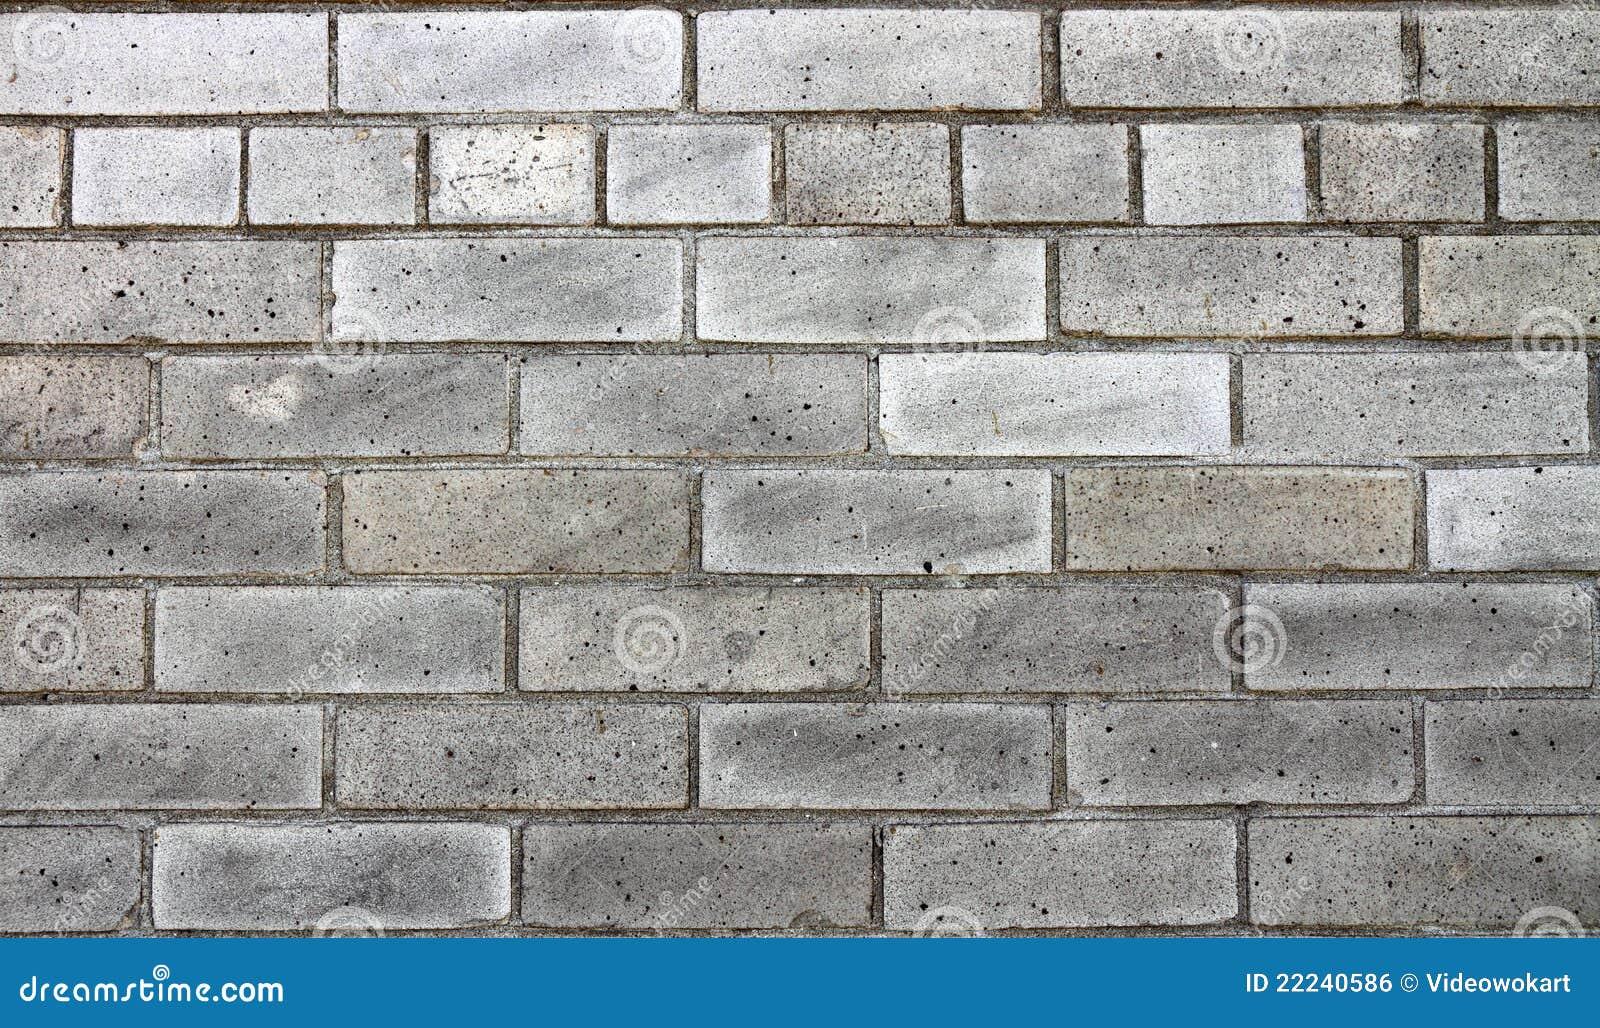 Un mur de briques gris image libre de droits image 22240586 Mur de brique gris